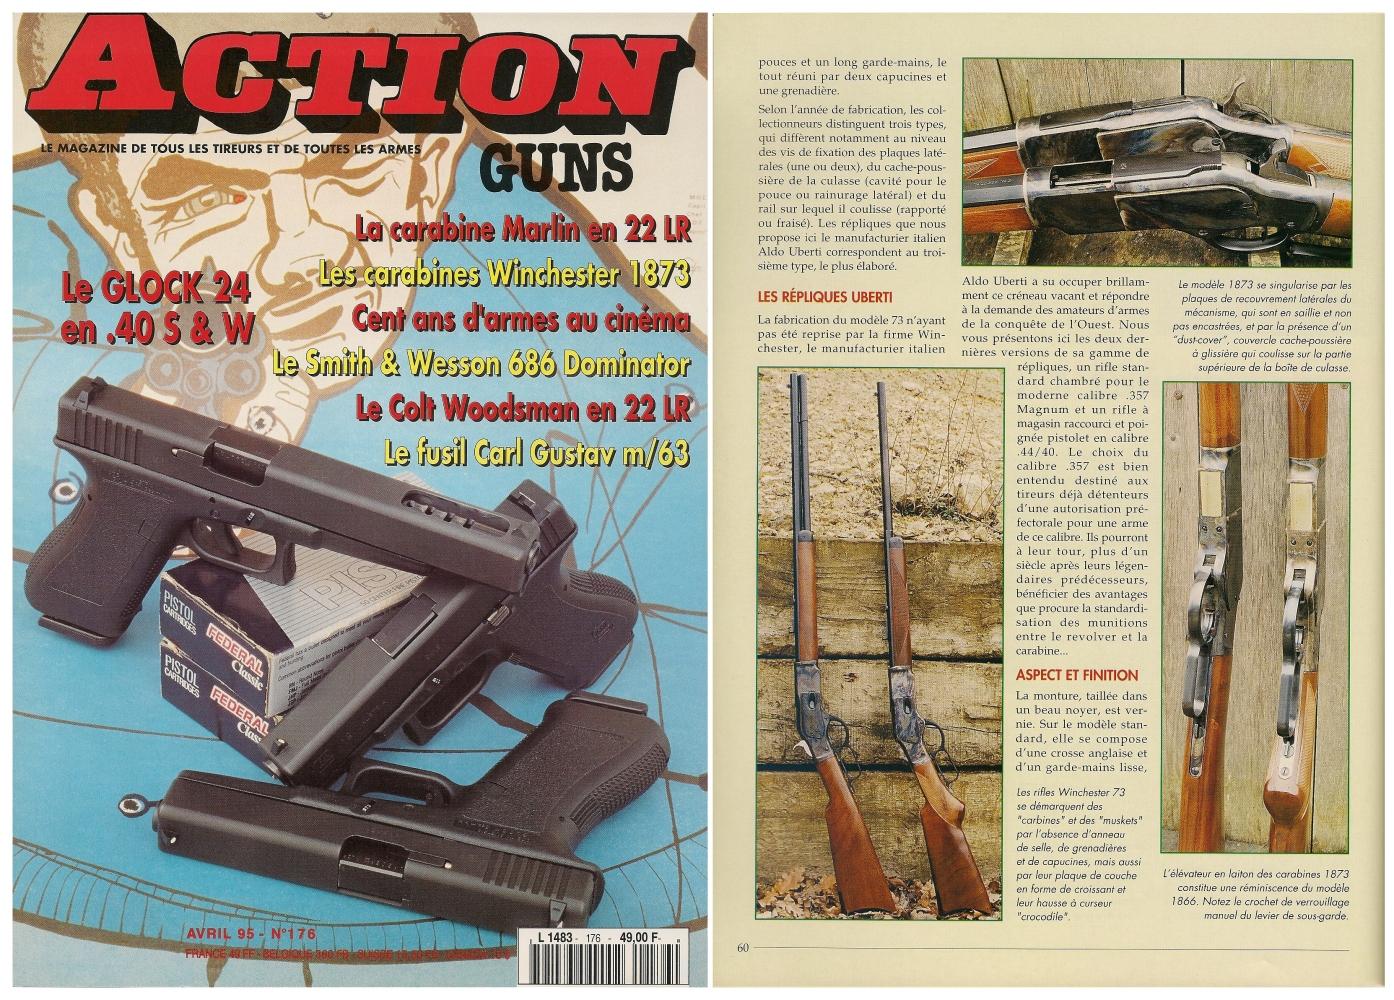 Le banc d'essai des carabine Winchester modèle 1873 a été publié sur 5 pages dans le magazine Action Guns n° 176 (avril 1995).